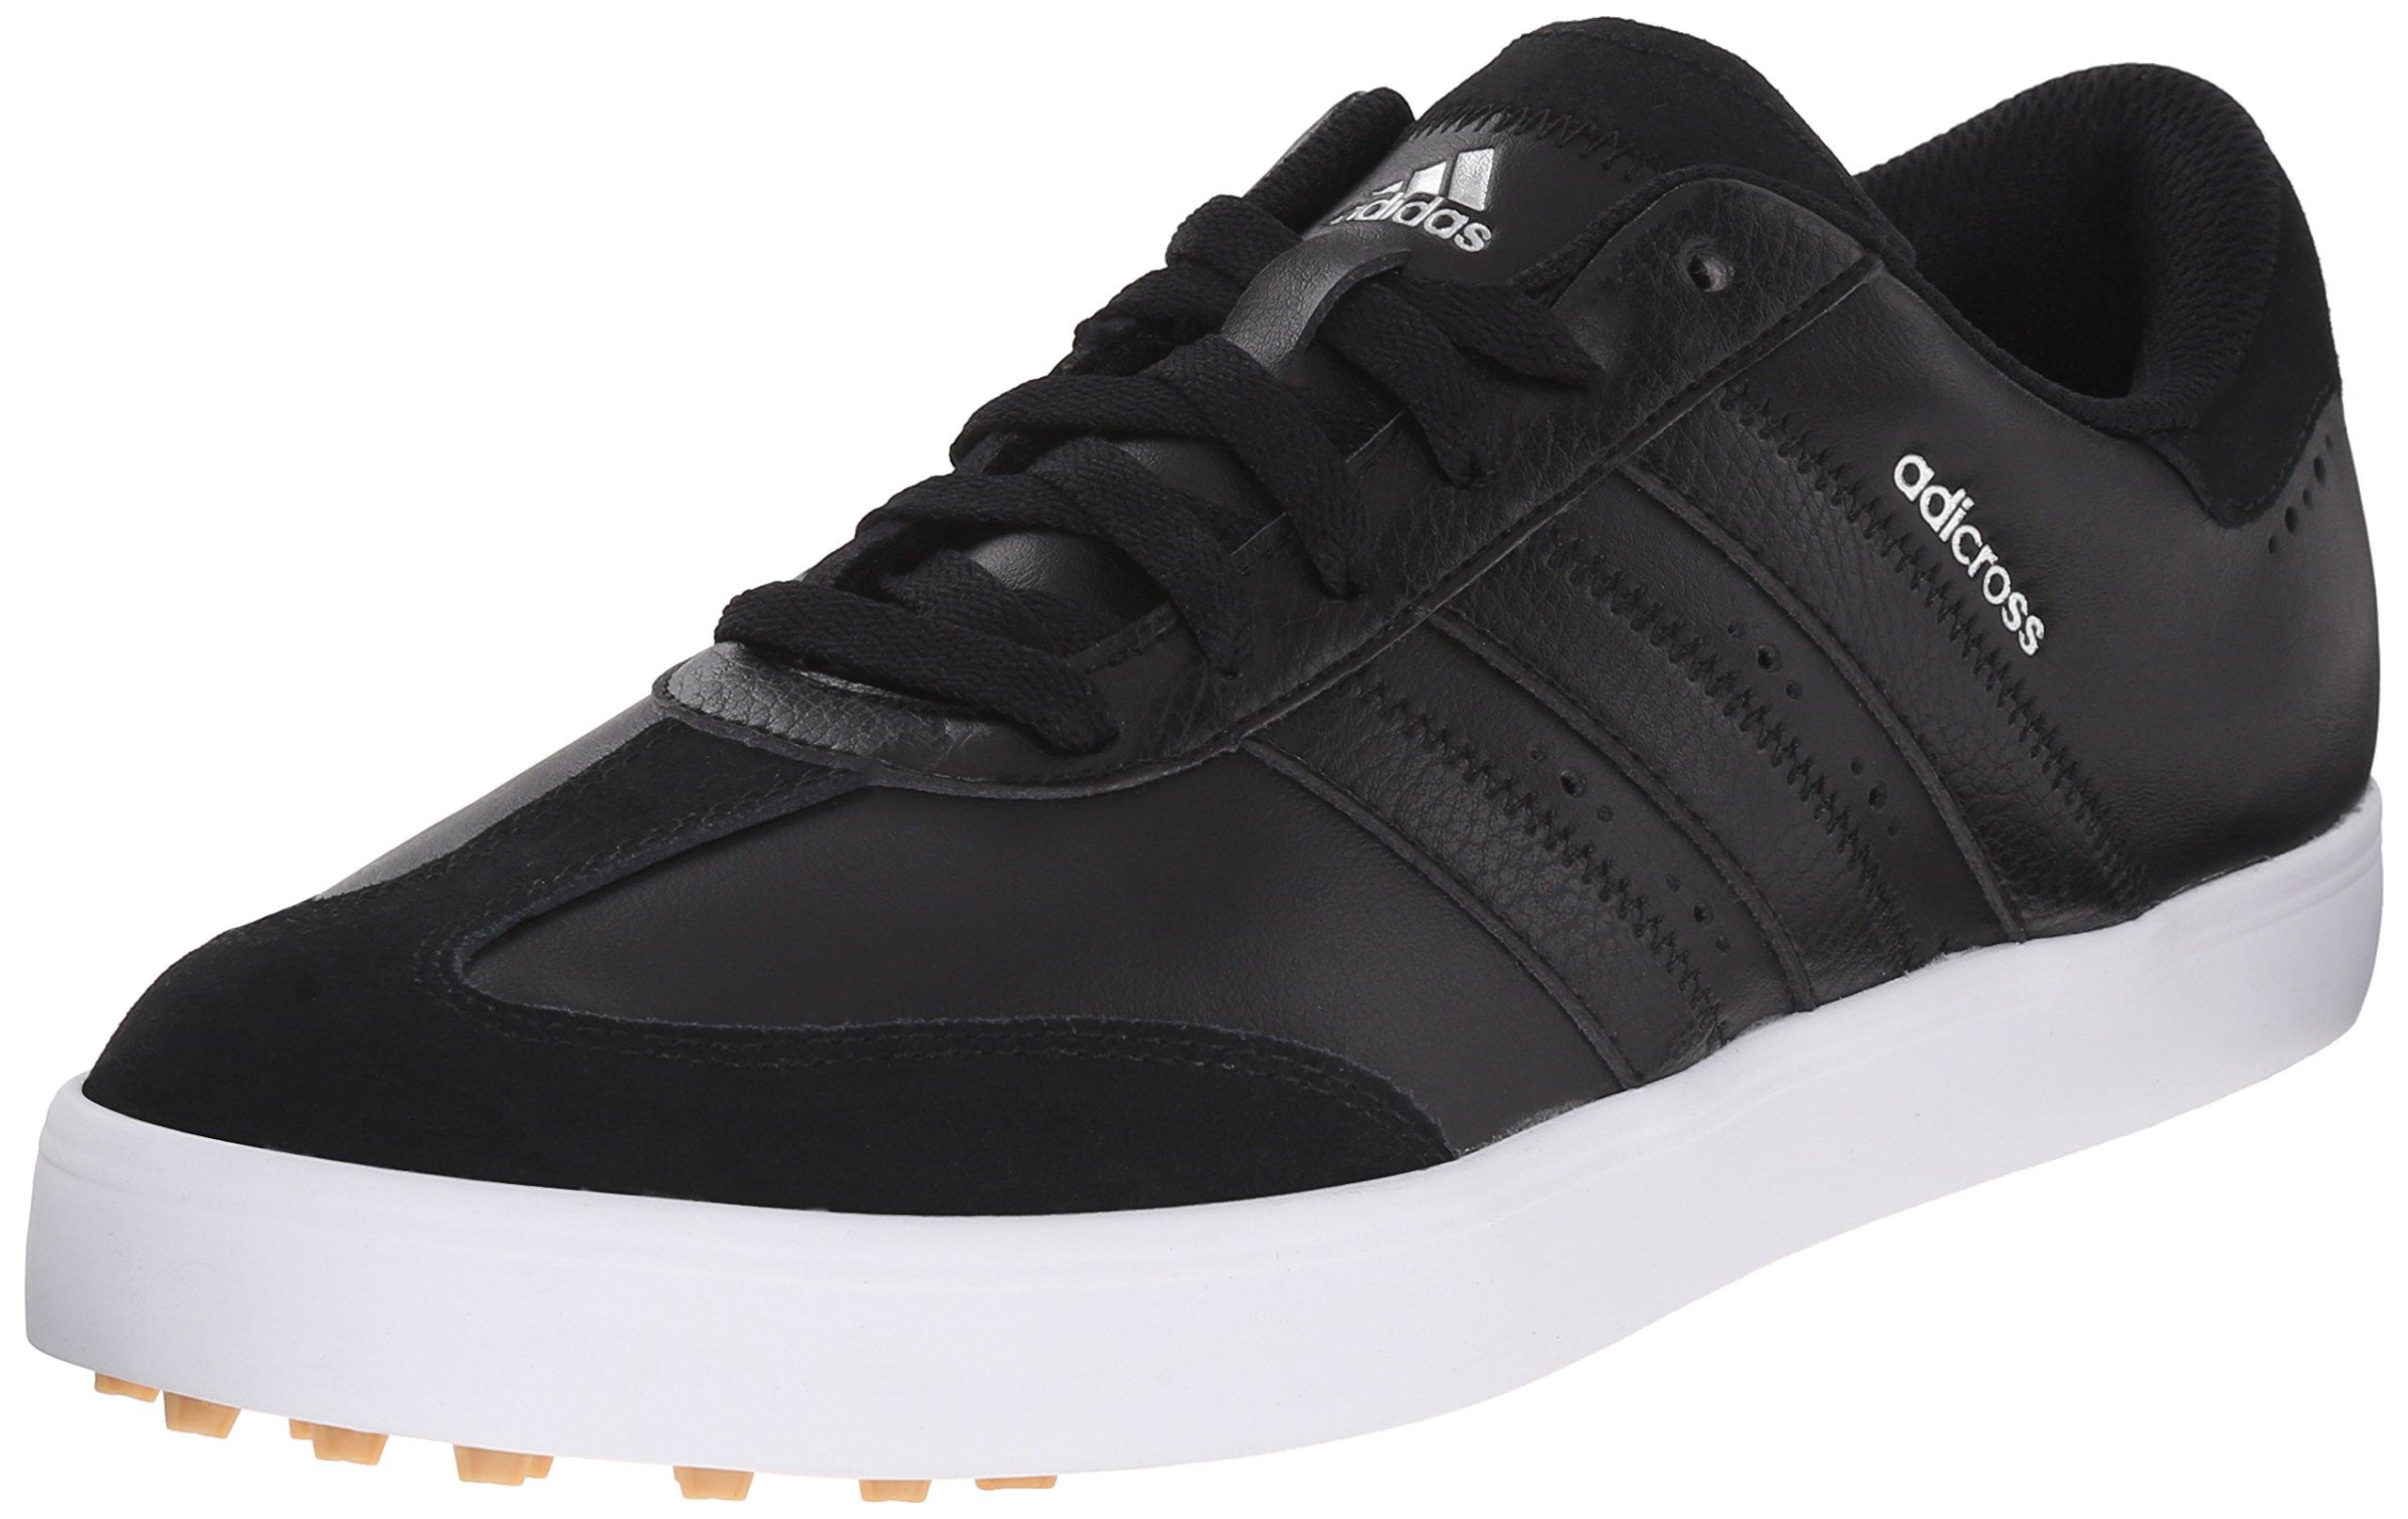 adidas Men's Adicross V Golf Shoe, Black/White, 9.5 M US